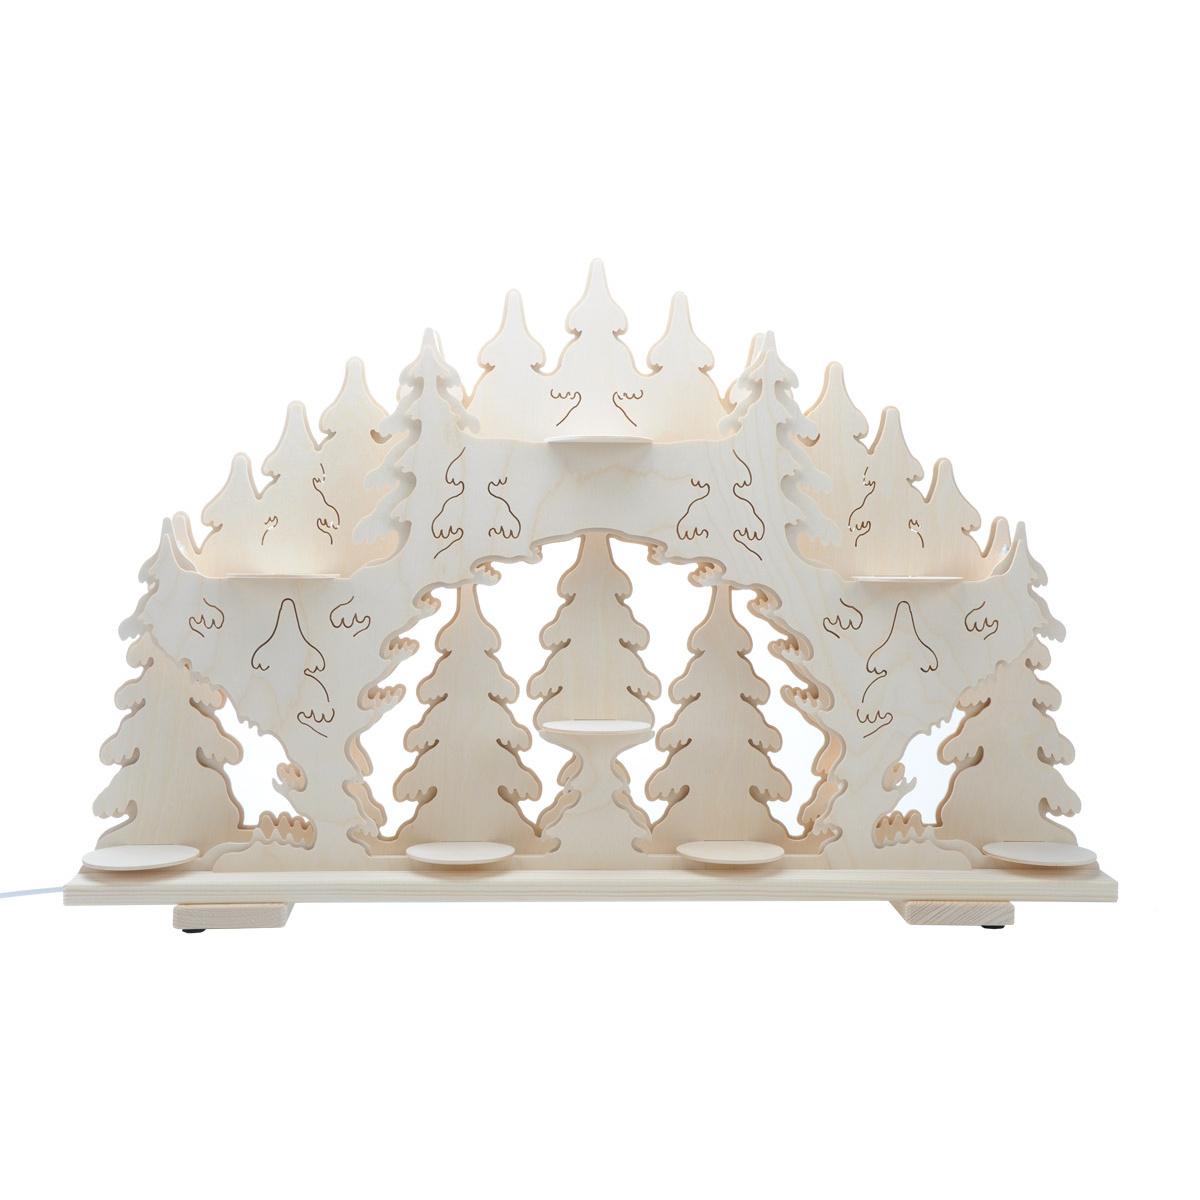 schwibbogen leer f r bis zu 8 kwo kantenhocker von engelheim f r 189 kaufen. Black Bedroom Furniture Sets. Home Design Ideas